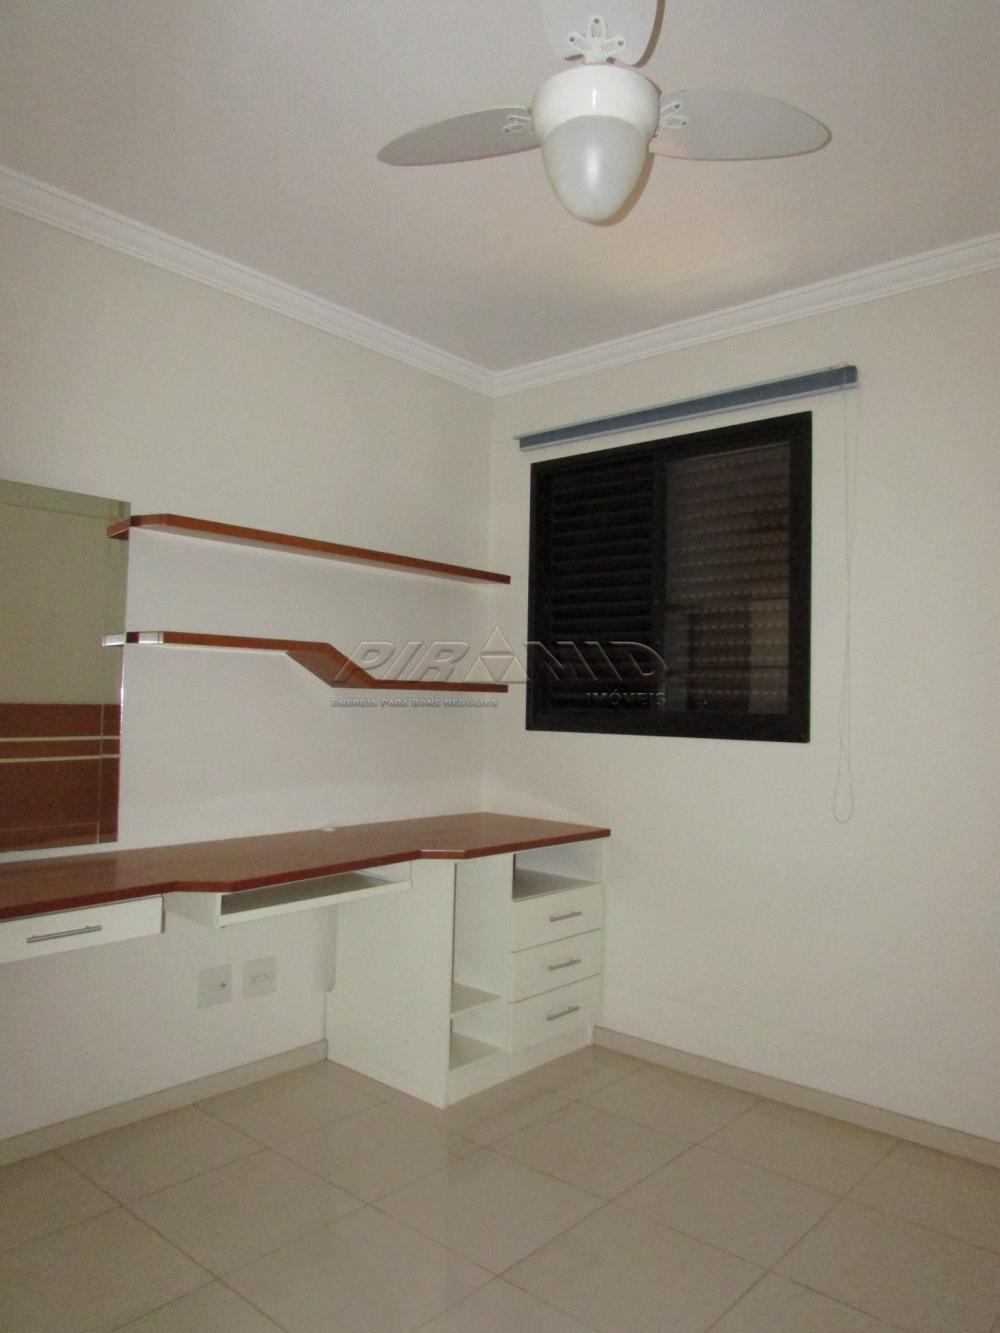 Alugar Apartamento / Padrão em Ribeirão Preto apenas R$ 1.500,00 - Foto 11